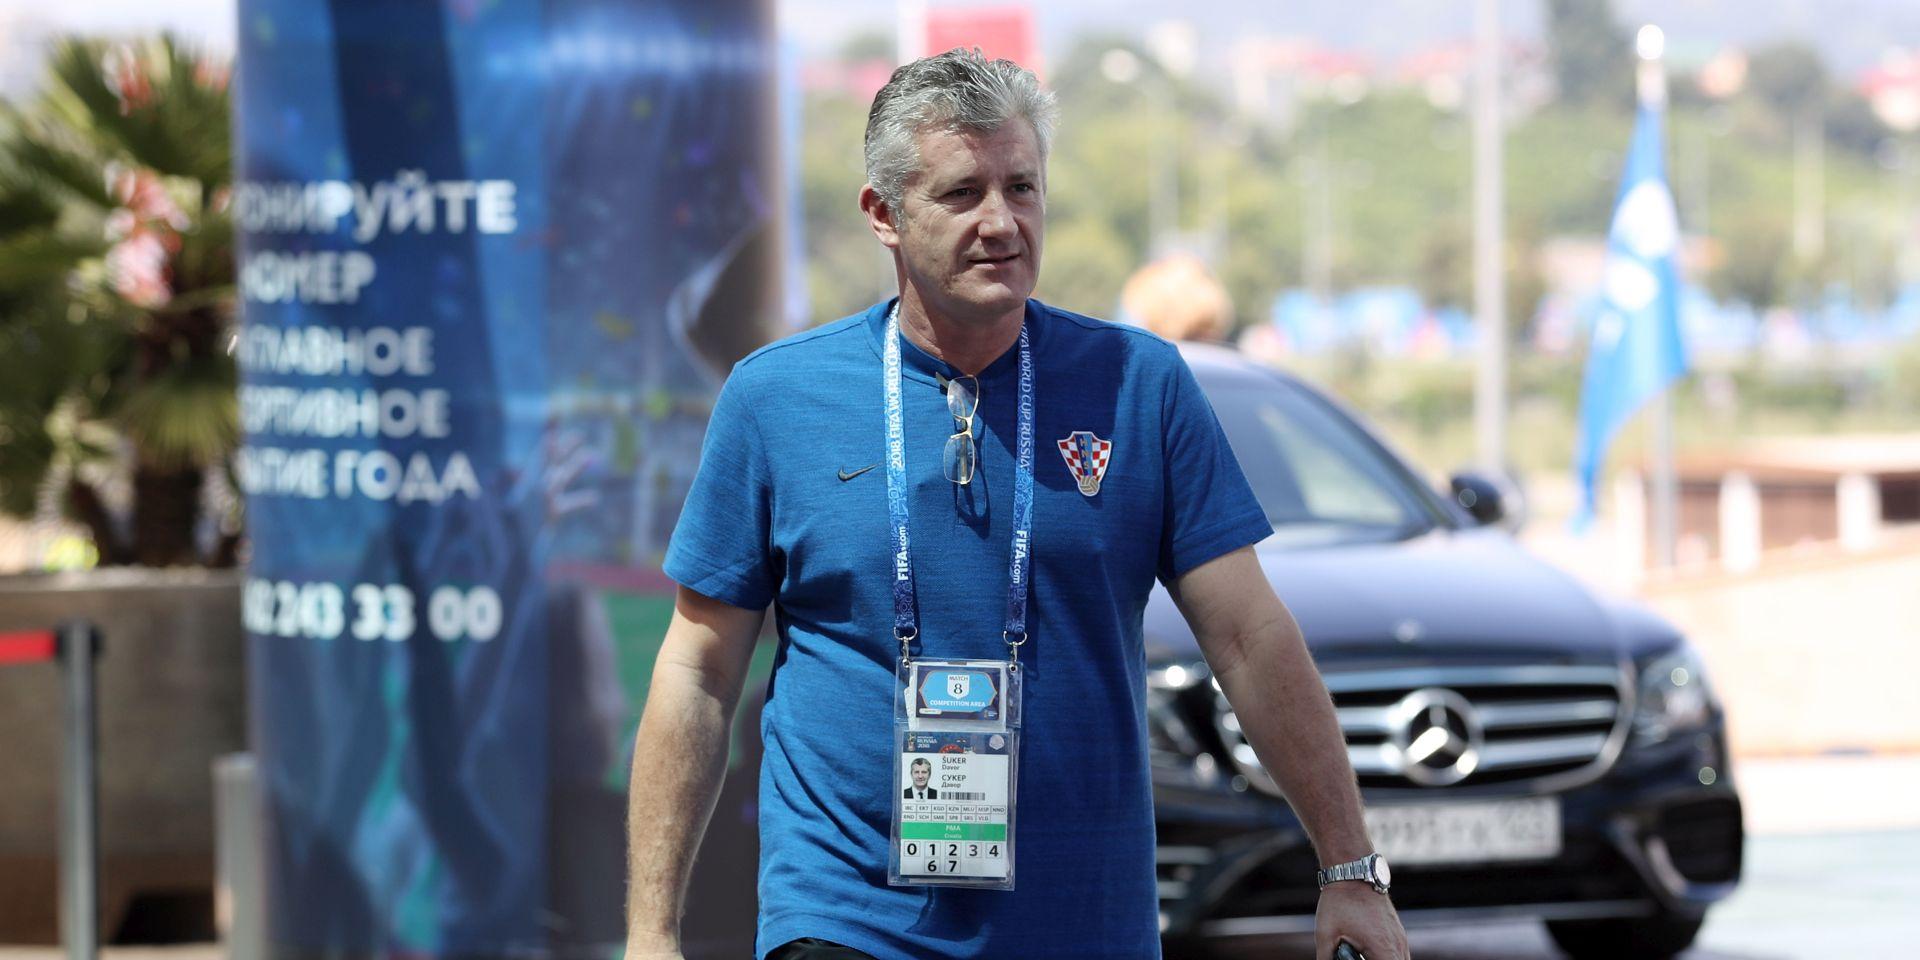 Šuker čestitao FIFA-i na organizaciji SP-a, Boban mu odgovorio